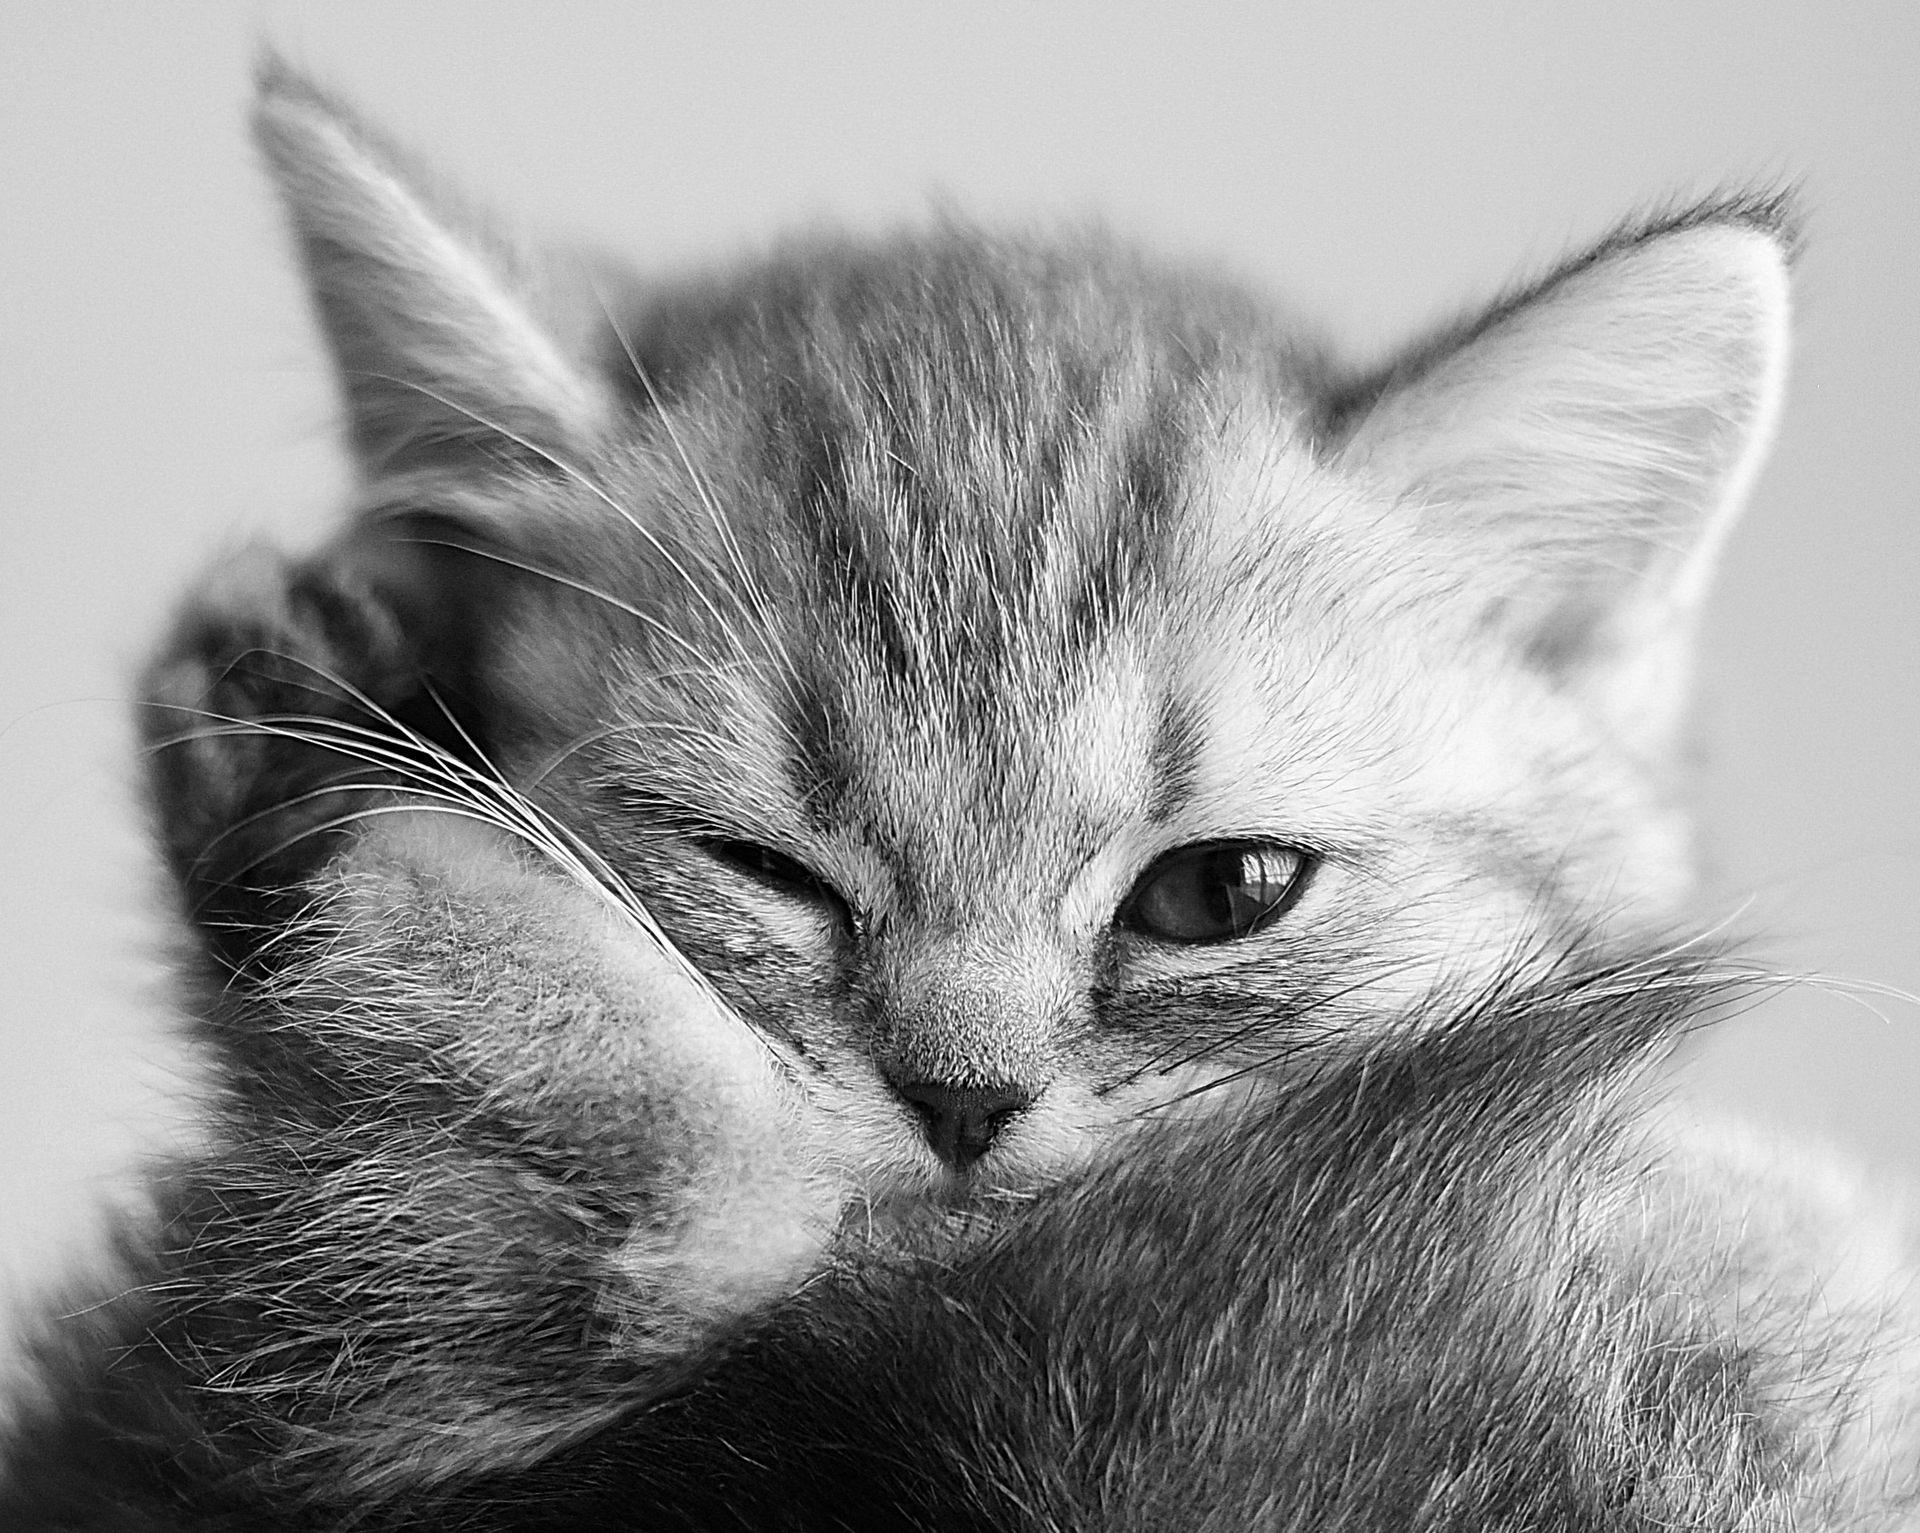 Zdjęcia dziecięce, kobieta, kot i ważka. Wyróżnione zdjęcia po opinii na temat zdjęć na kursach online. 318 Kursy i 310 AFO